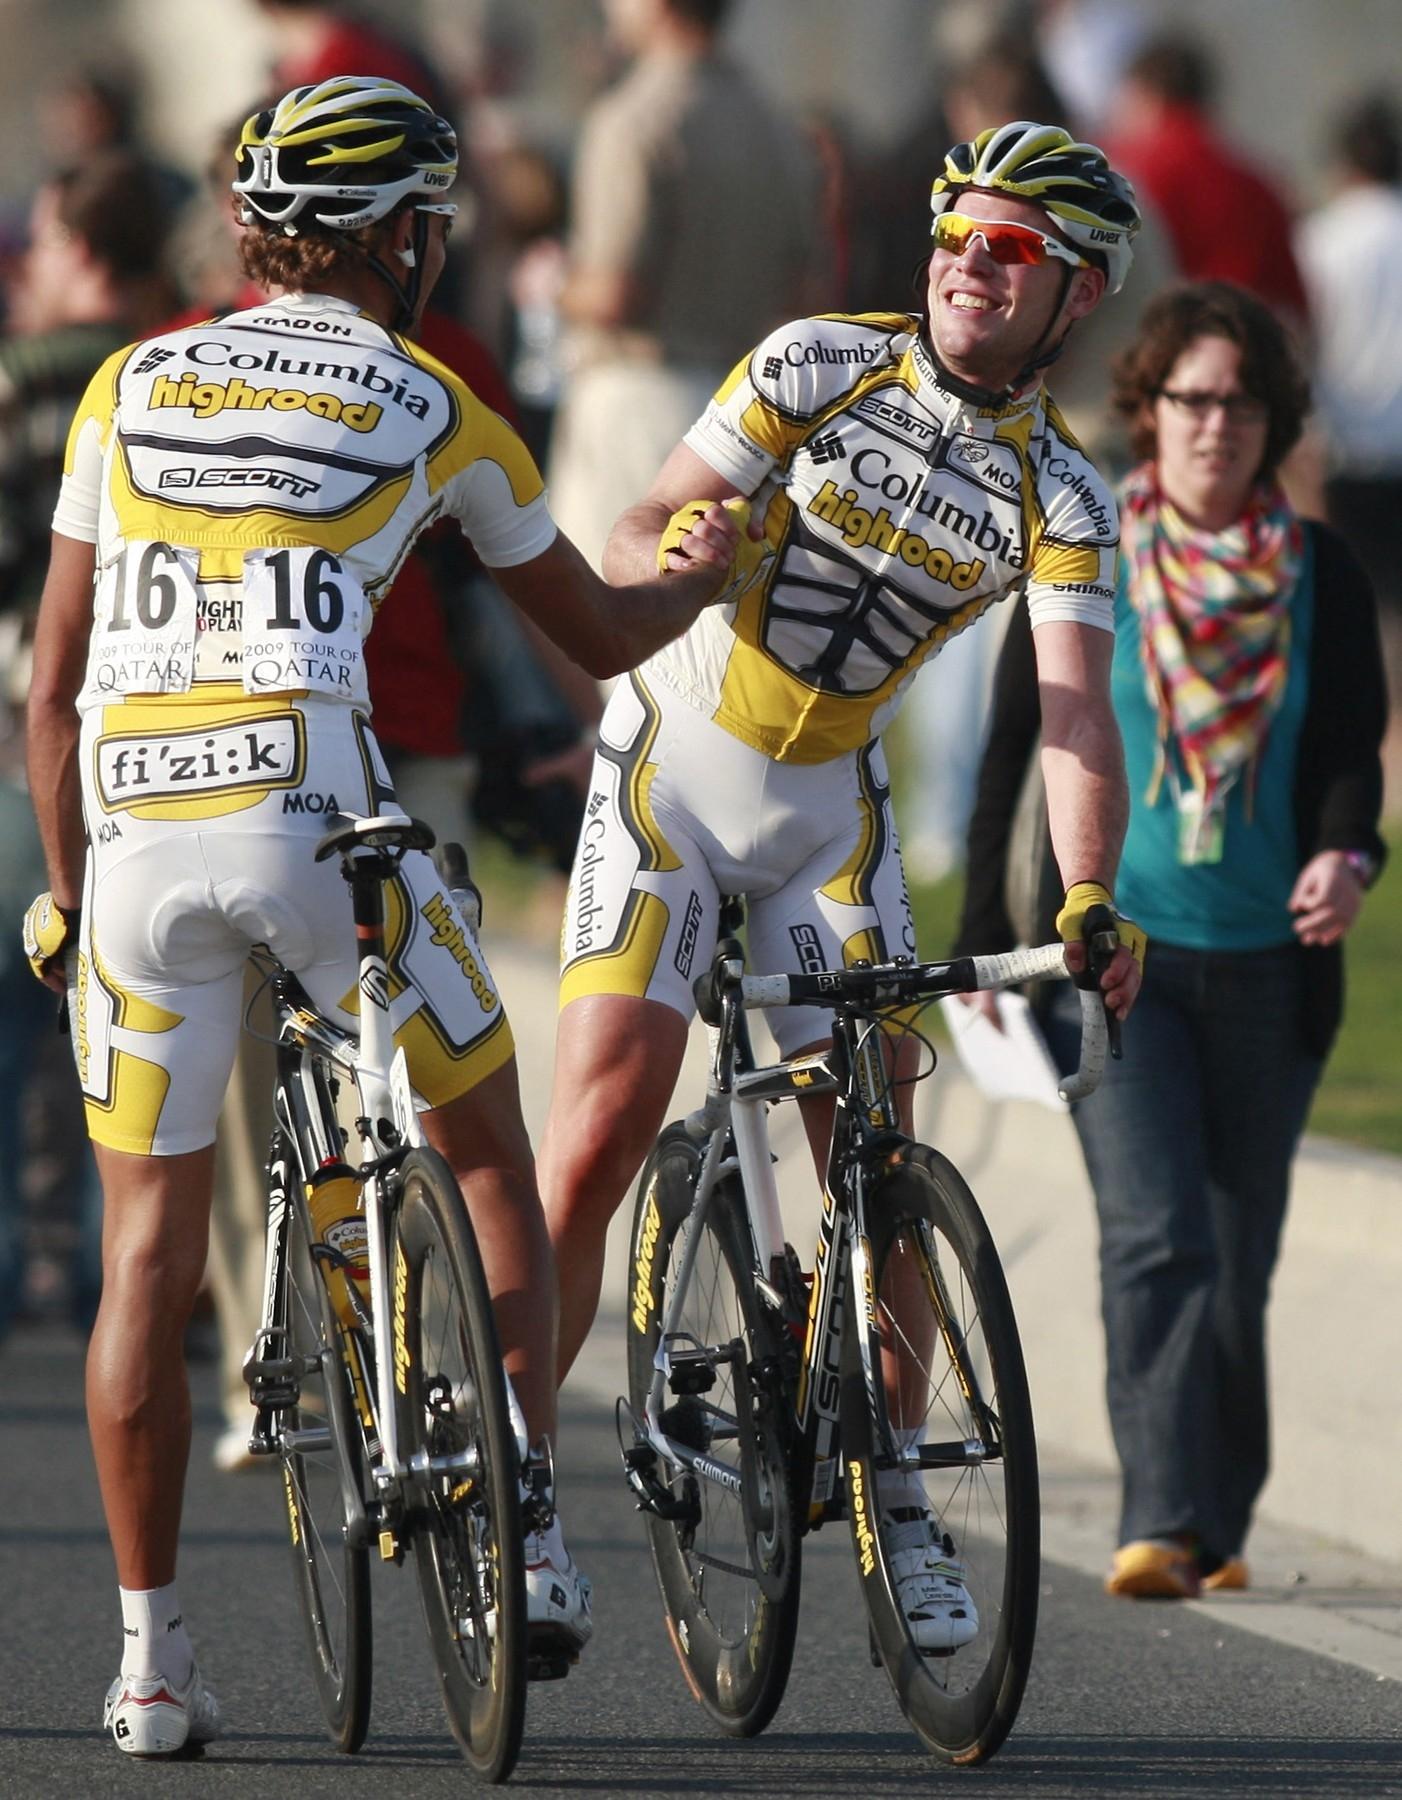 František Raboň (vlevo) přijímá poděkování za odvedenou práci od Marka Cavendishe po jedné z vítězných etap. Foto: profimedia